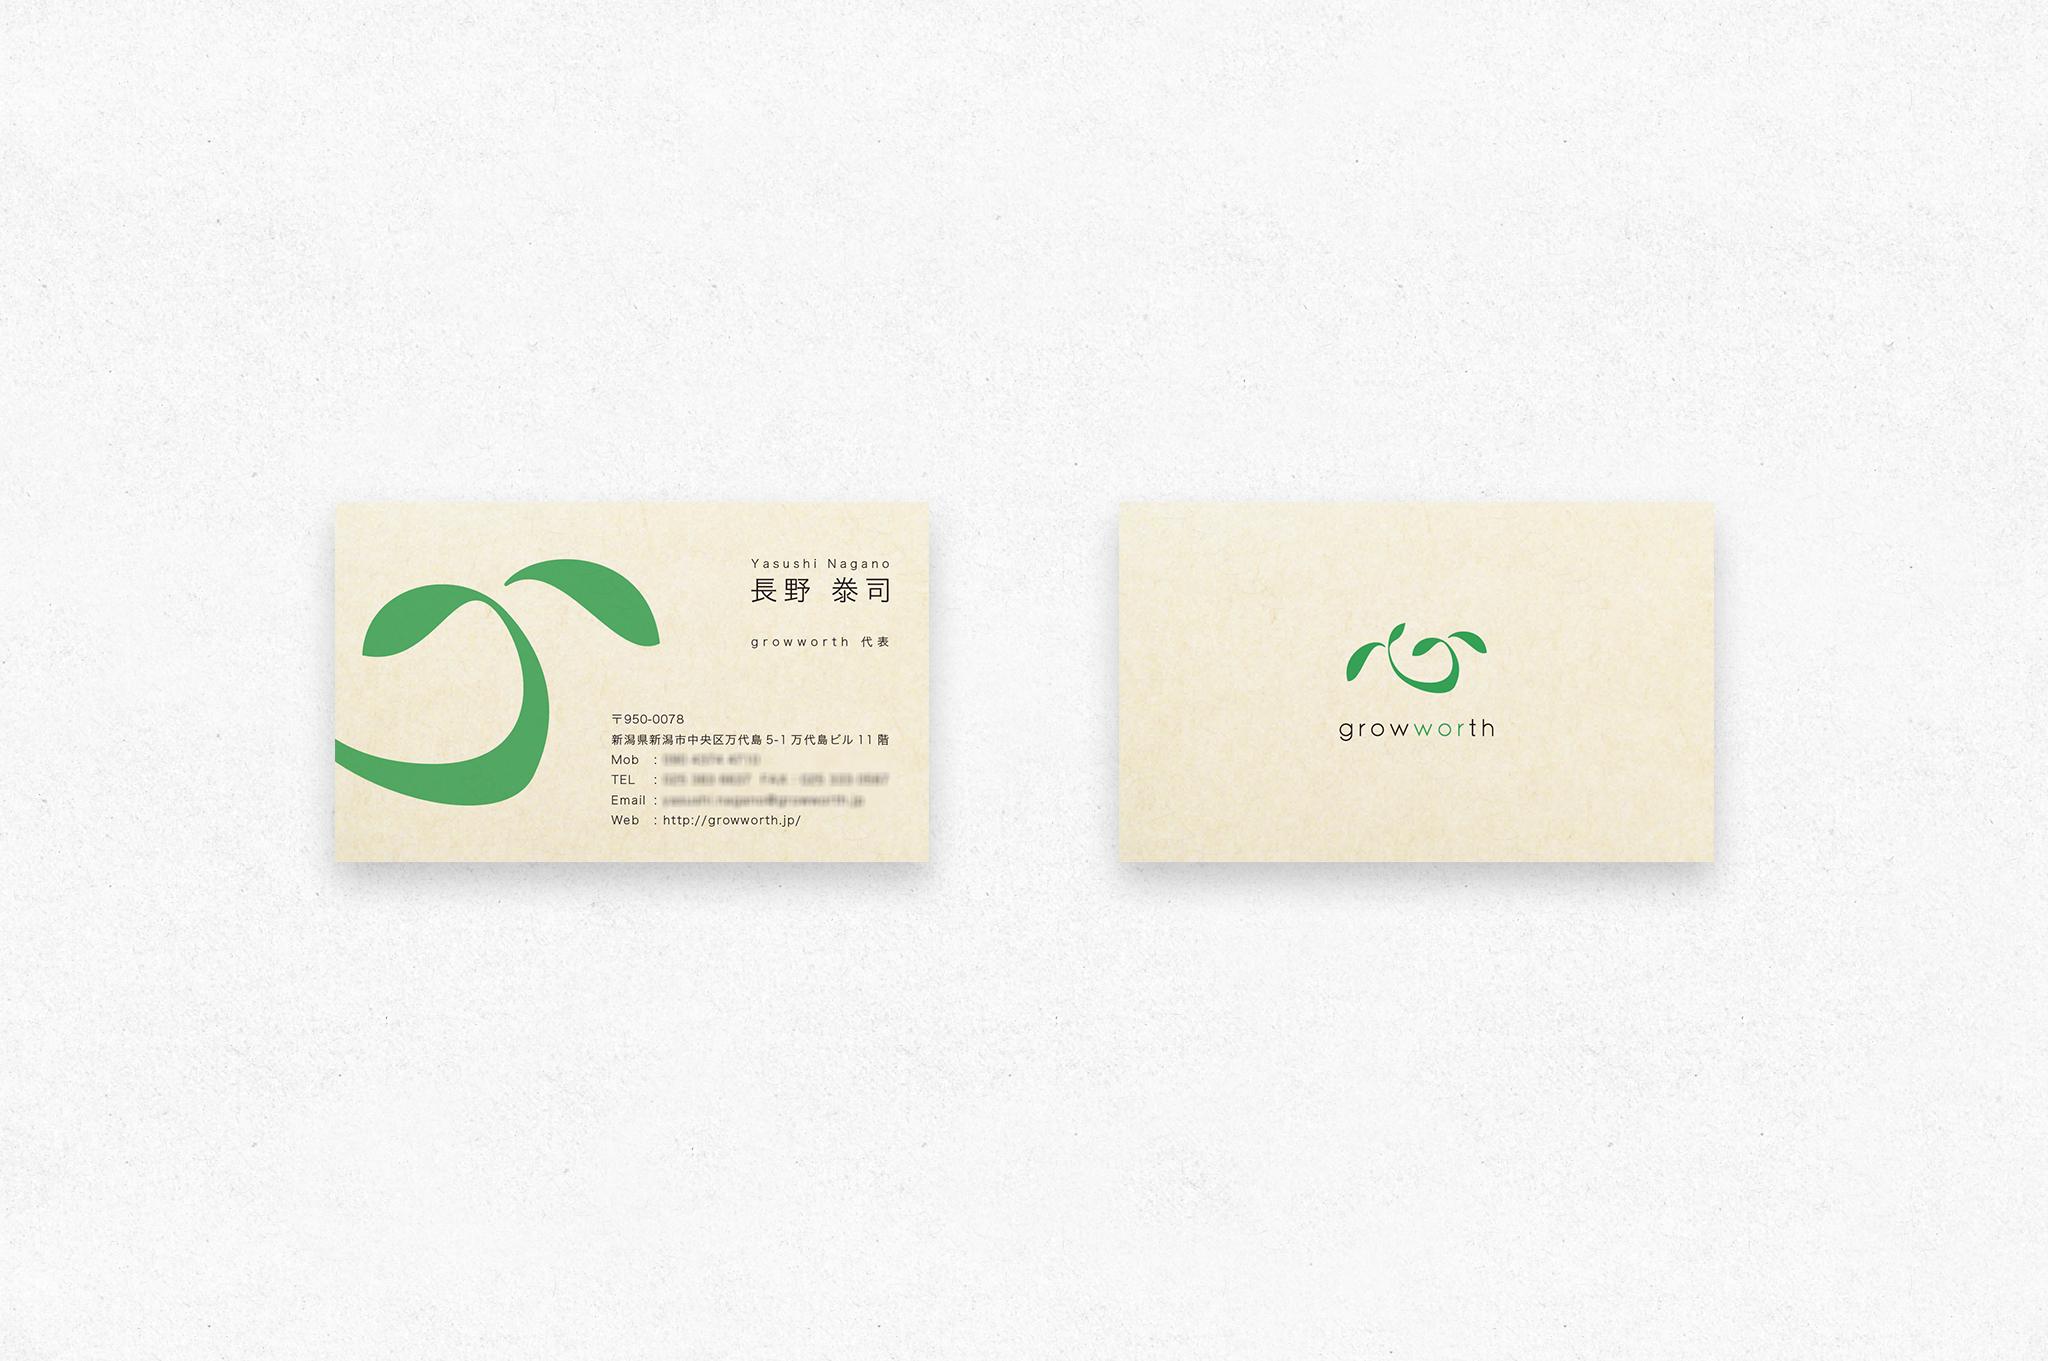 CIロゴ、名刺のデザイン, CI Logo, Business Card